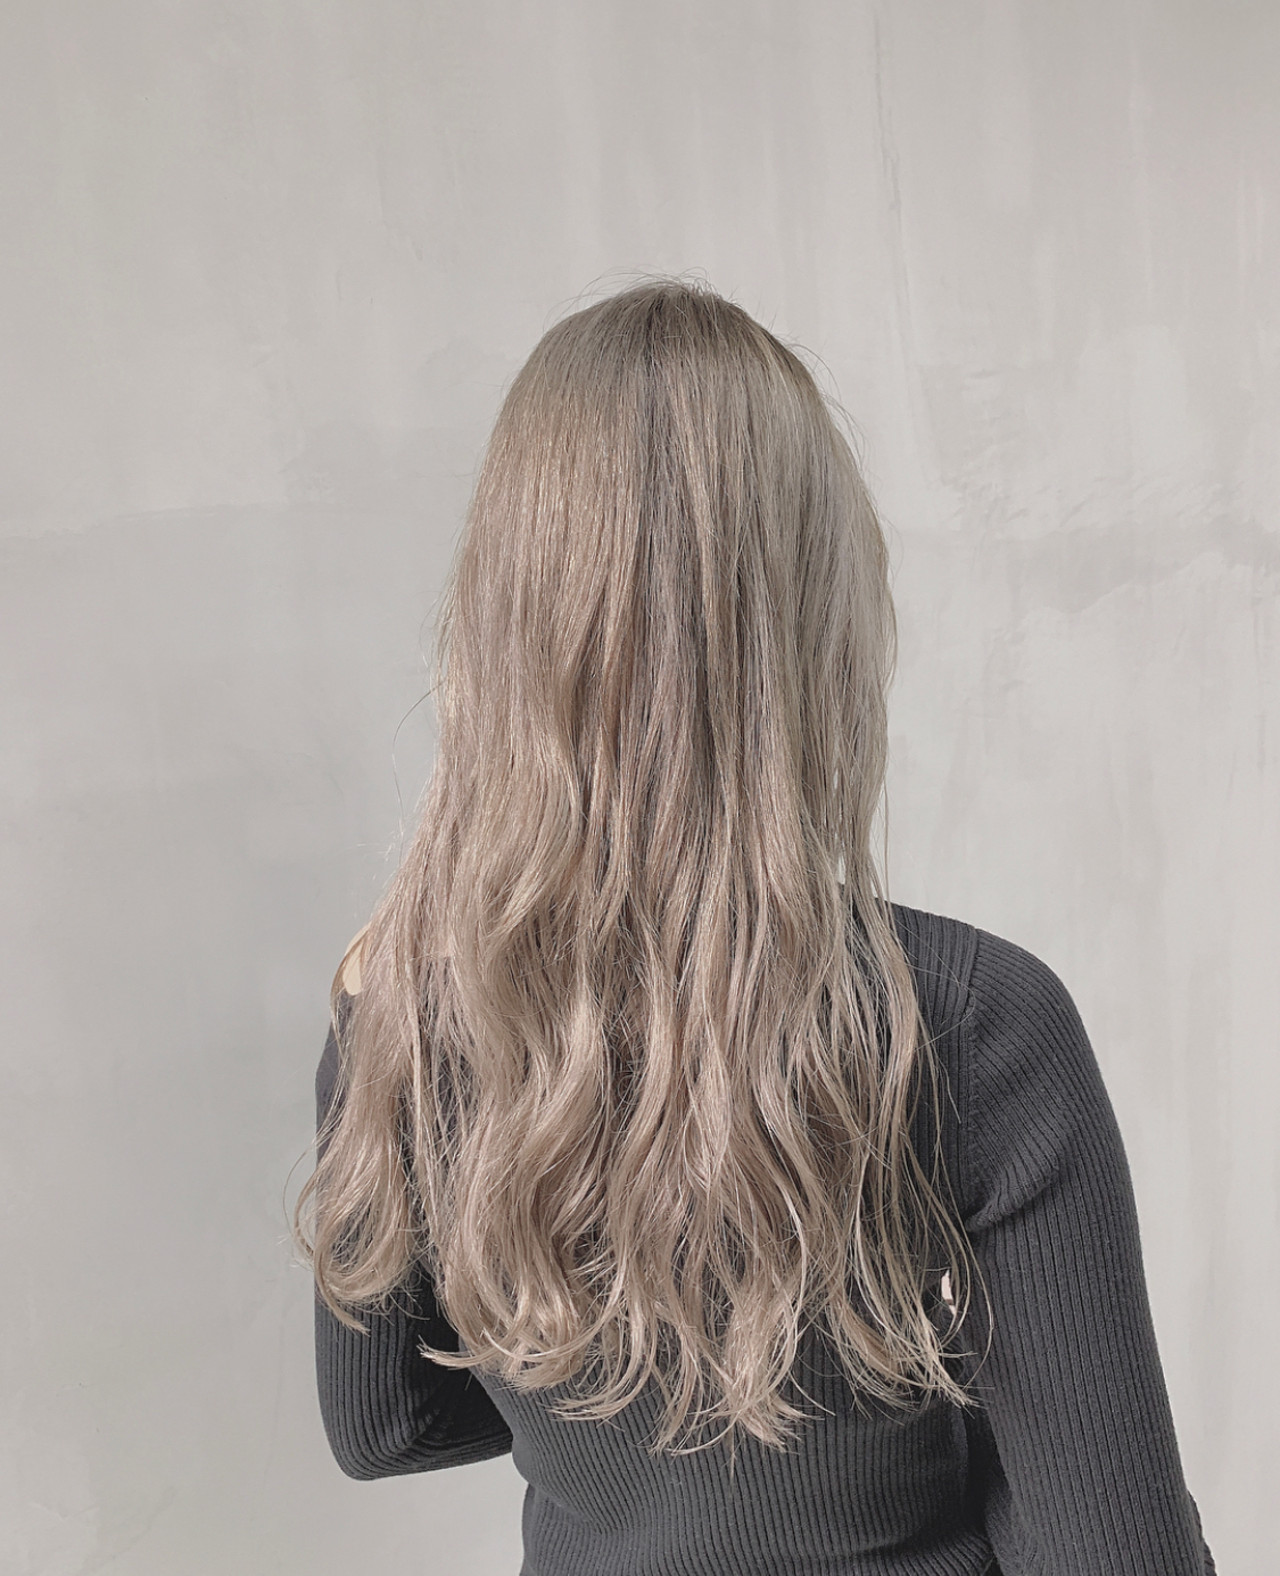 透明感カラー ミルクベージュ ミルクティーベージュ ストリート ヘアスタイルや髪型の写真・画像